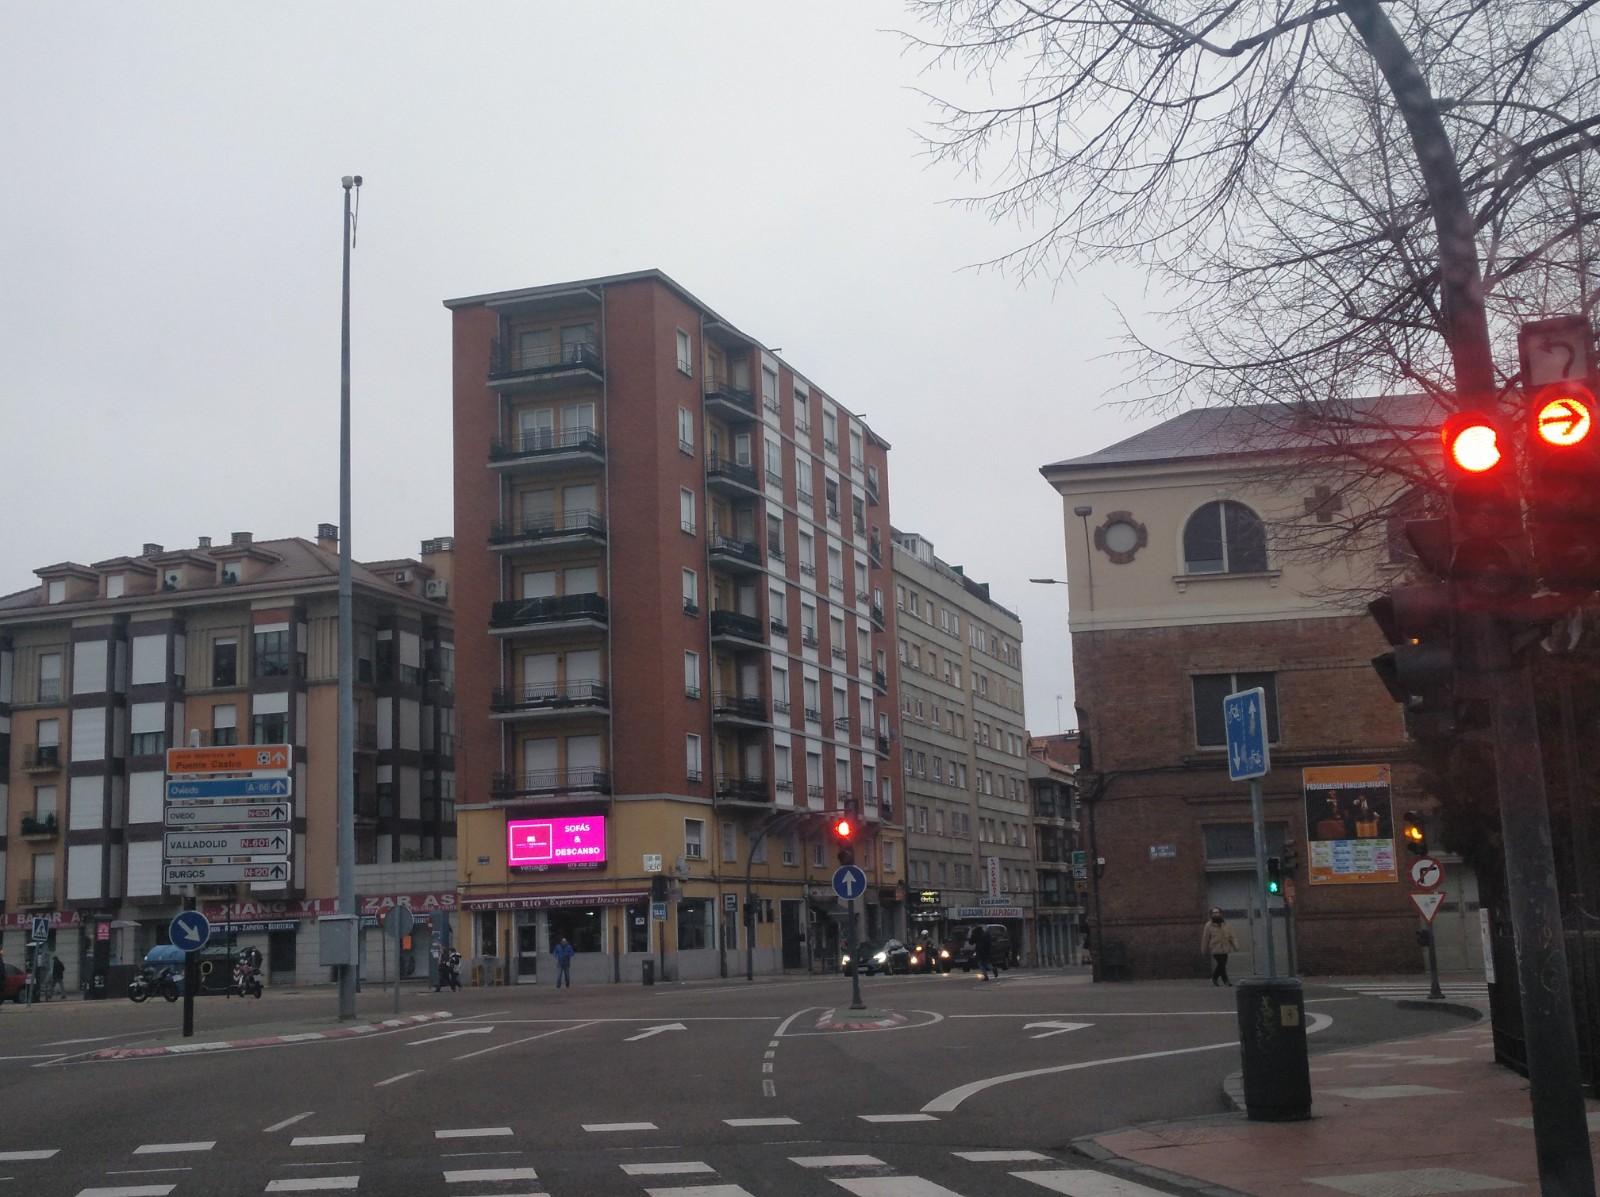 Avenida Alcalde Miguel Castaño